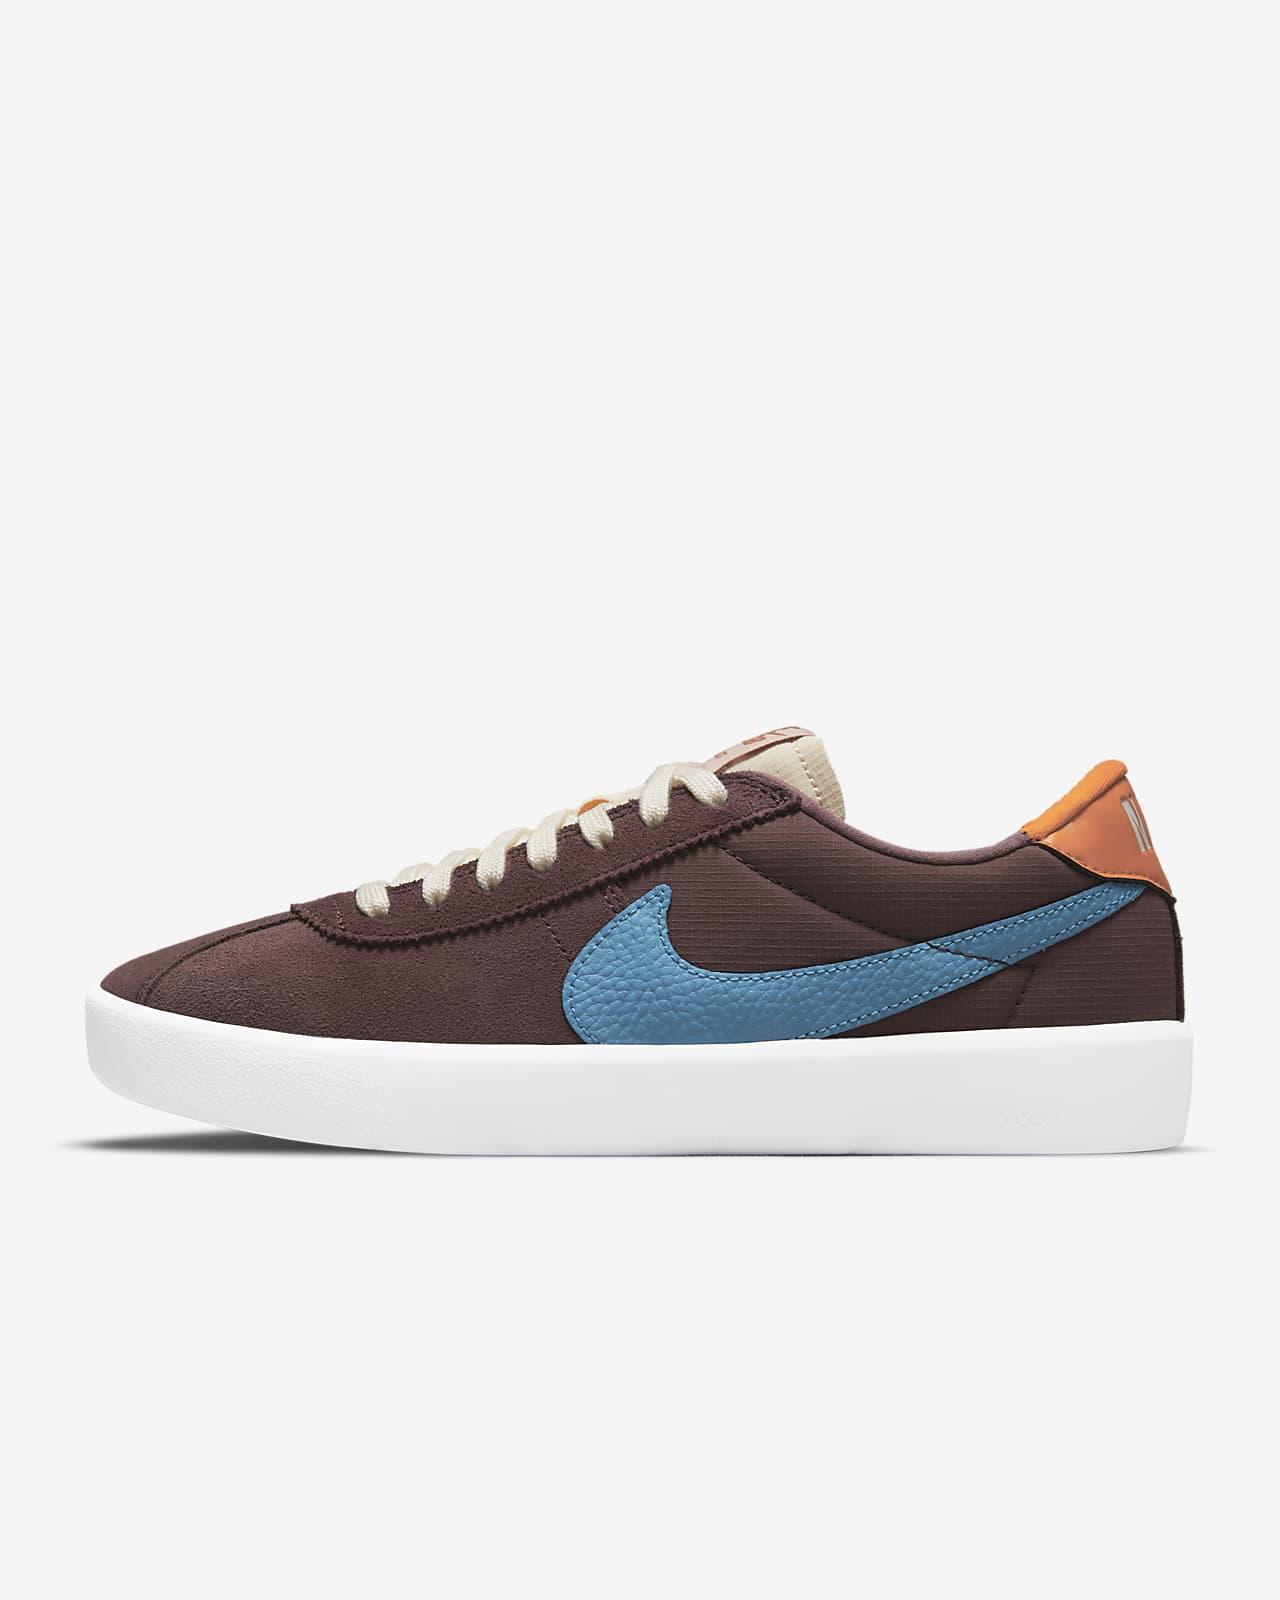 Calzado de skateboarding Nike SB Bruin React